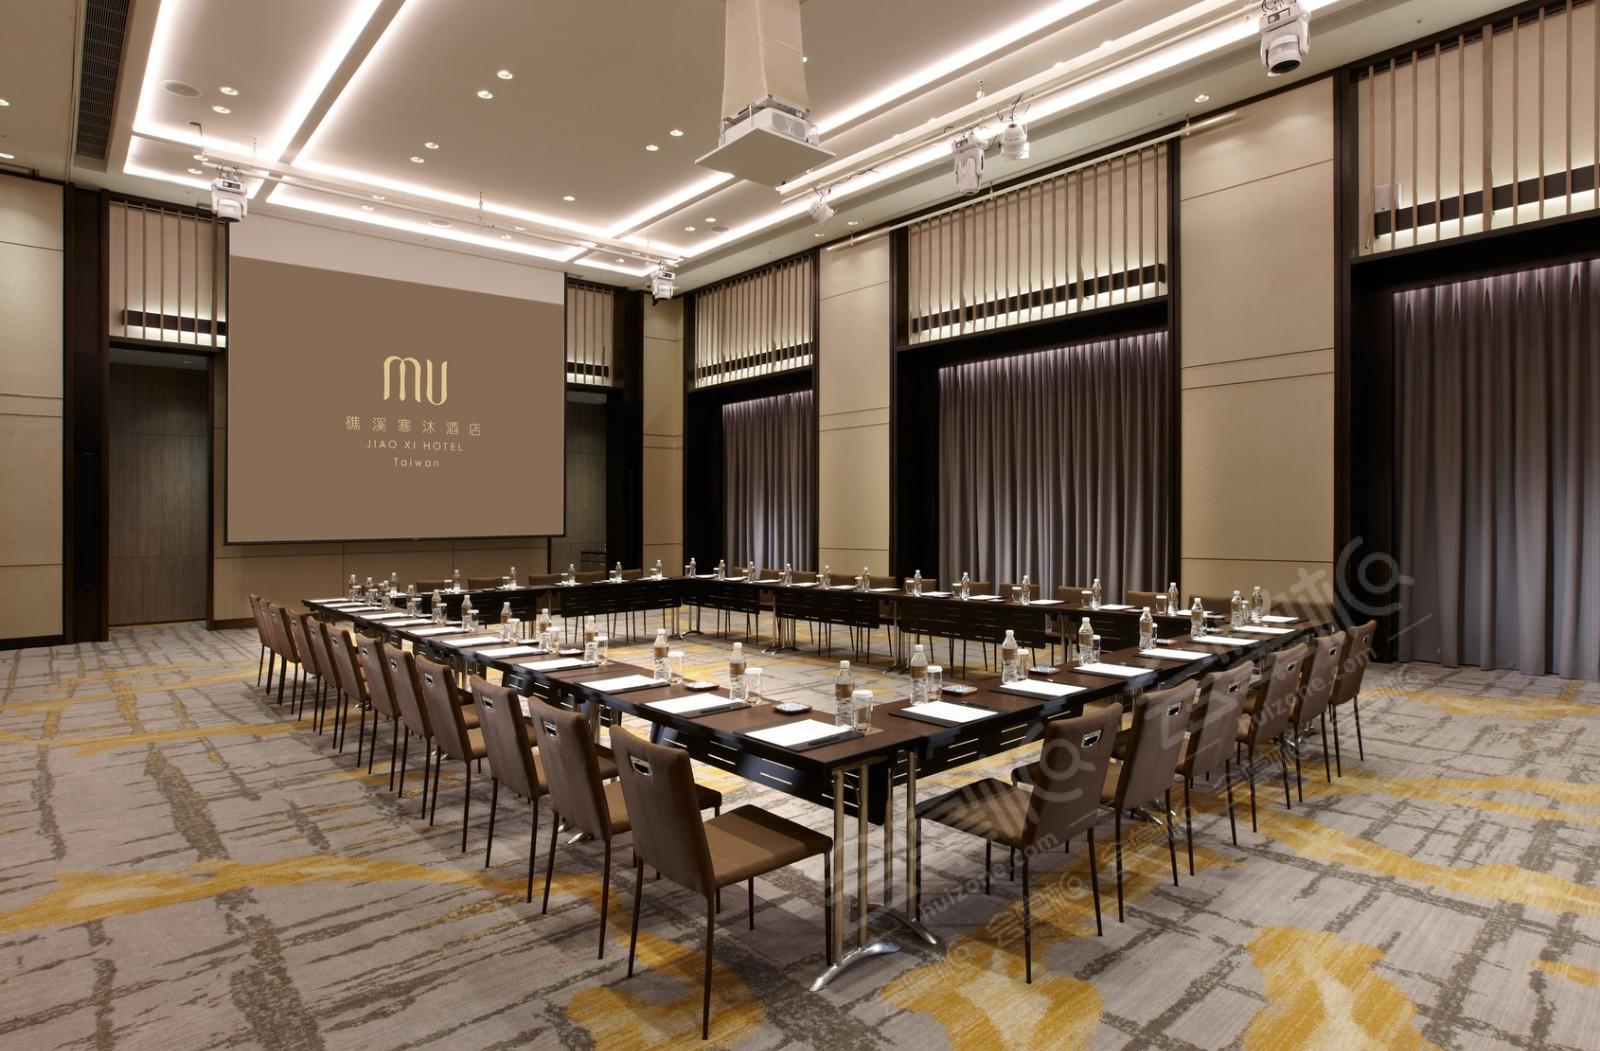 三亚能容纳200-300人的五星级会议酒店推荐  三亚百人场地推荐  三亚会议场地 三亚年会峰会研讨会场地